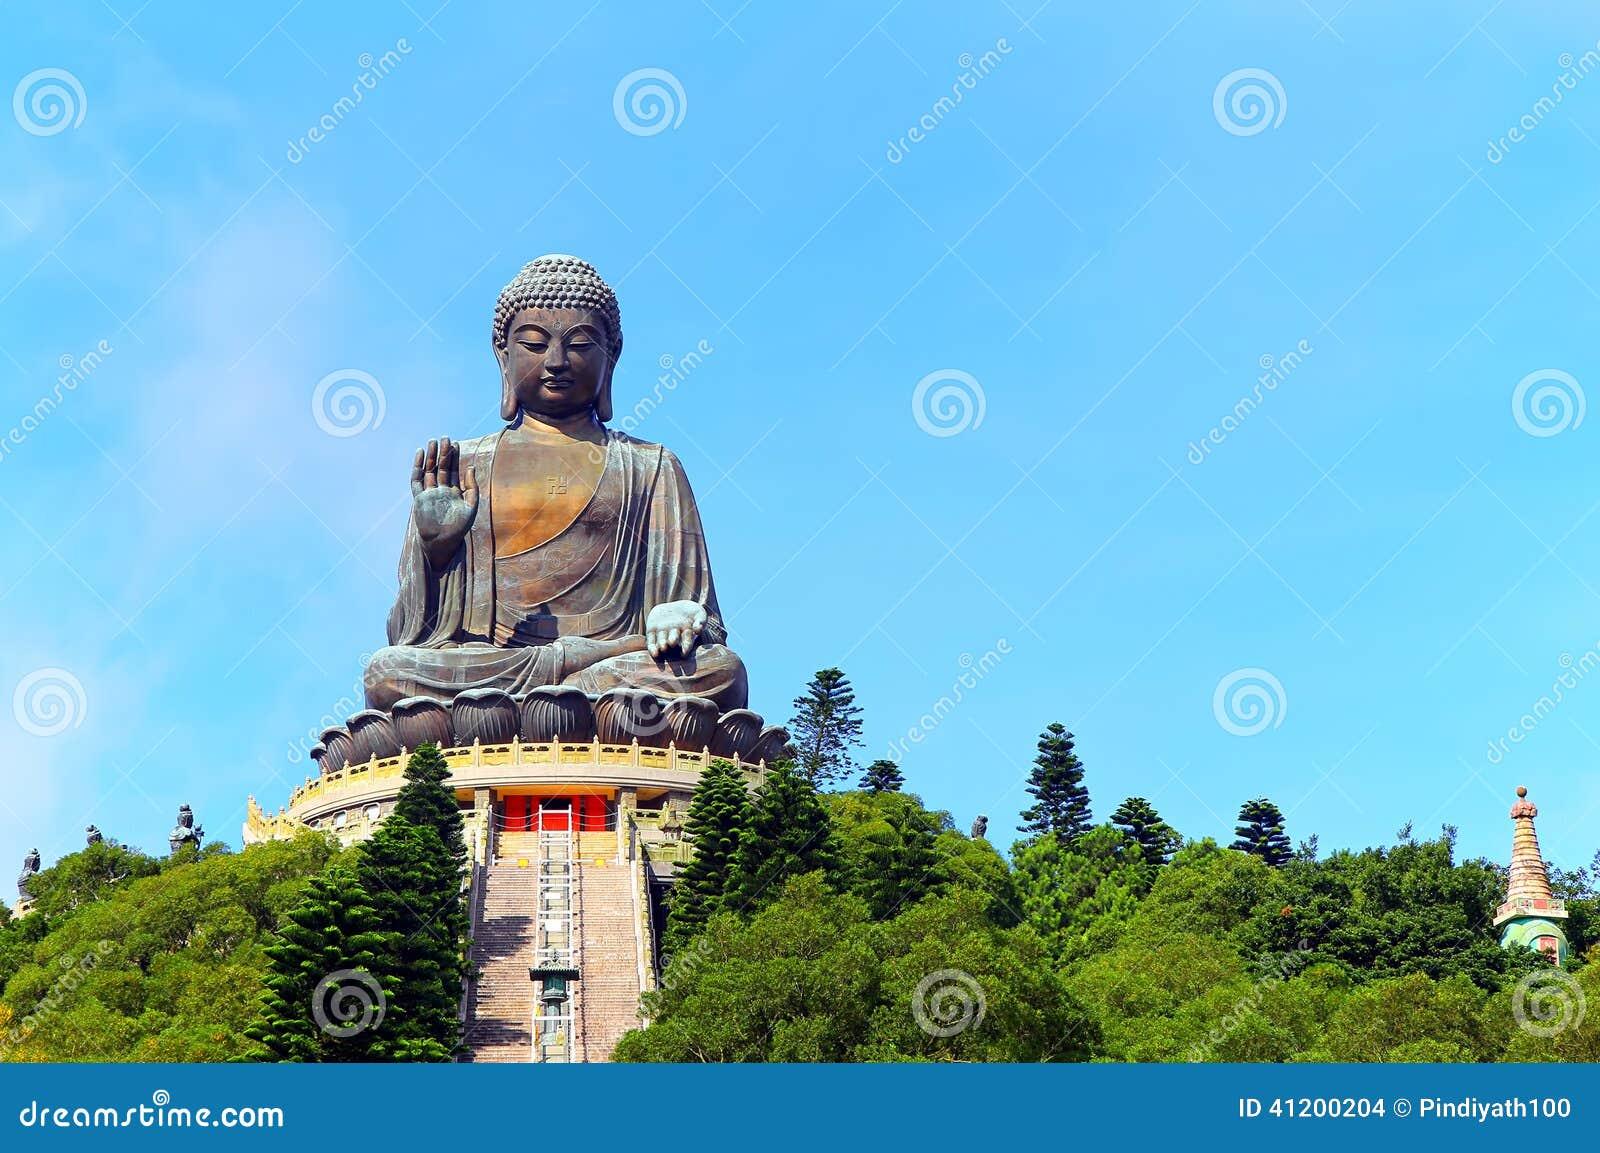 Statue of tian tan buddha, hong kong